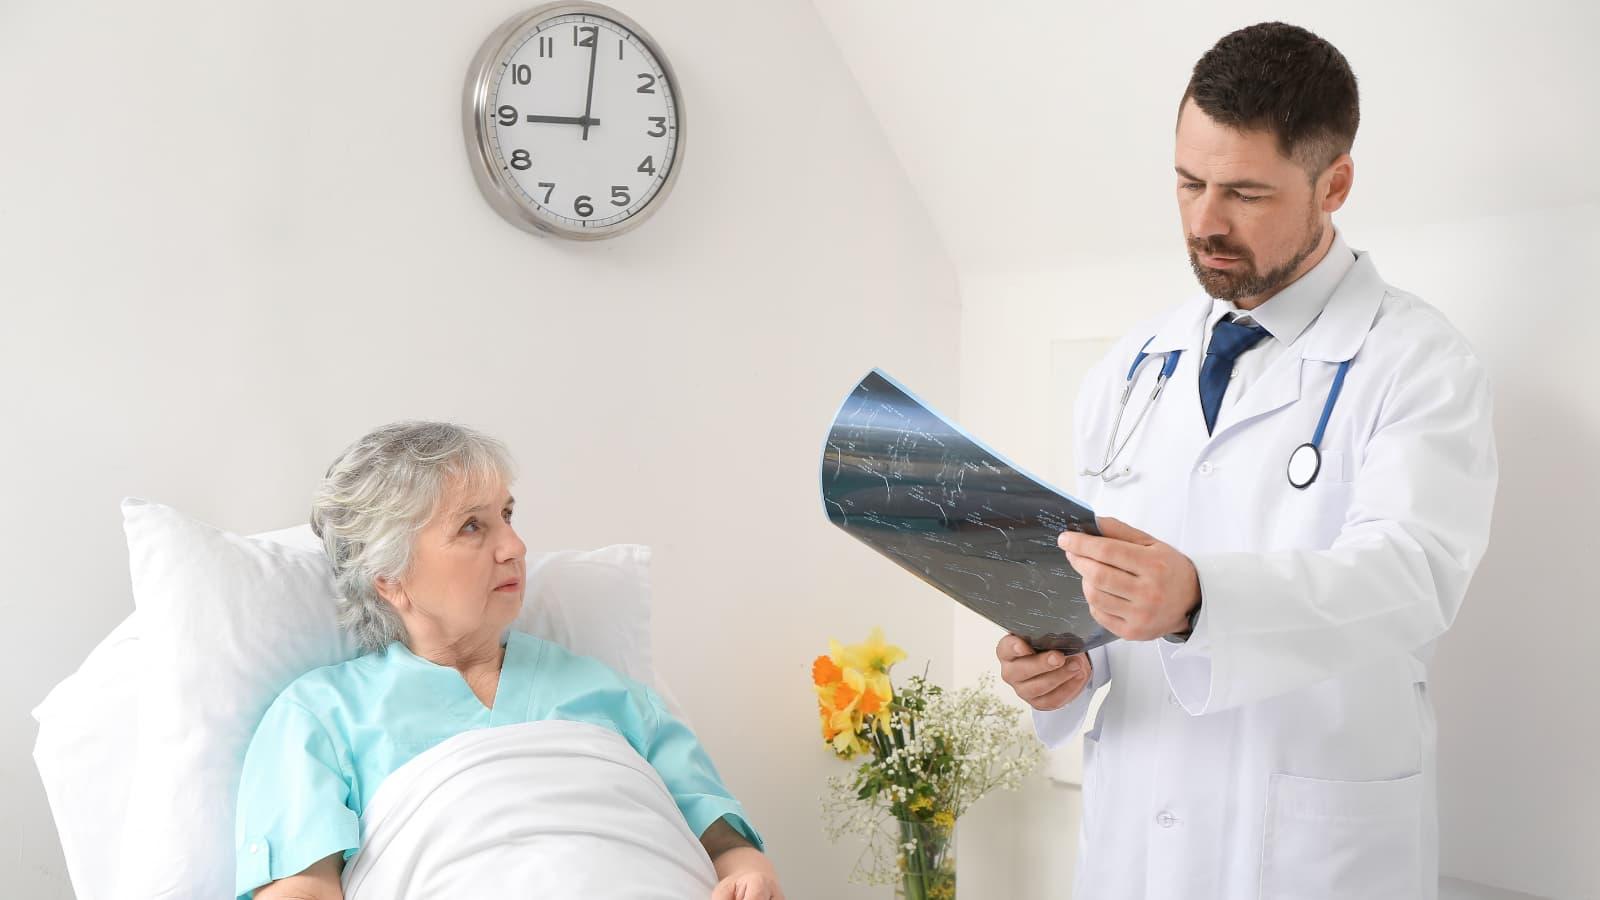 La Ley de Autonomía del Paciente, eje principal de las relaciones clínico-asistenciales